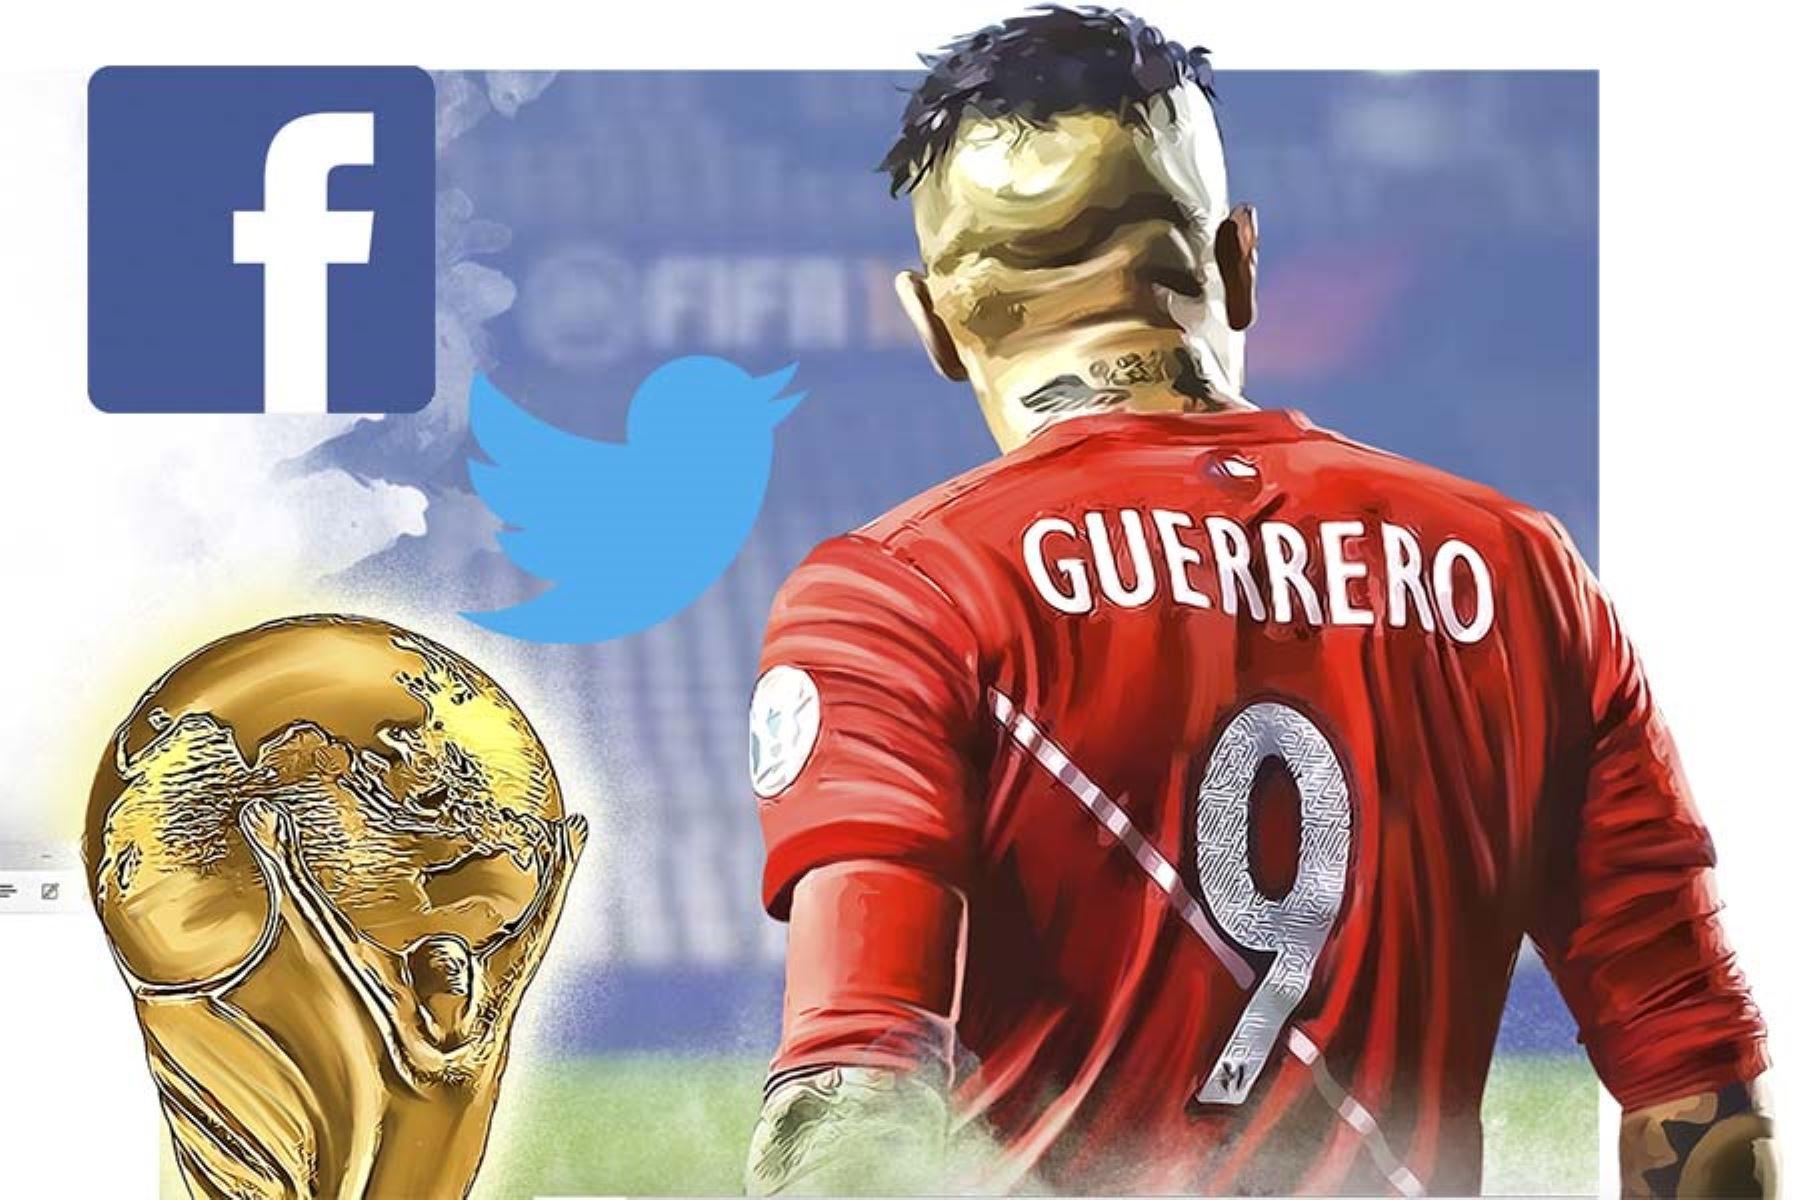 Paolo Guerrero fue el tema más comentado en Facebook, Instagram y Twitter en el Perú entre marzo y la quincena de mayo del 2018, según un informe de comScore.